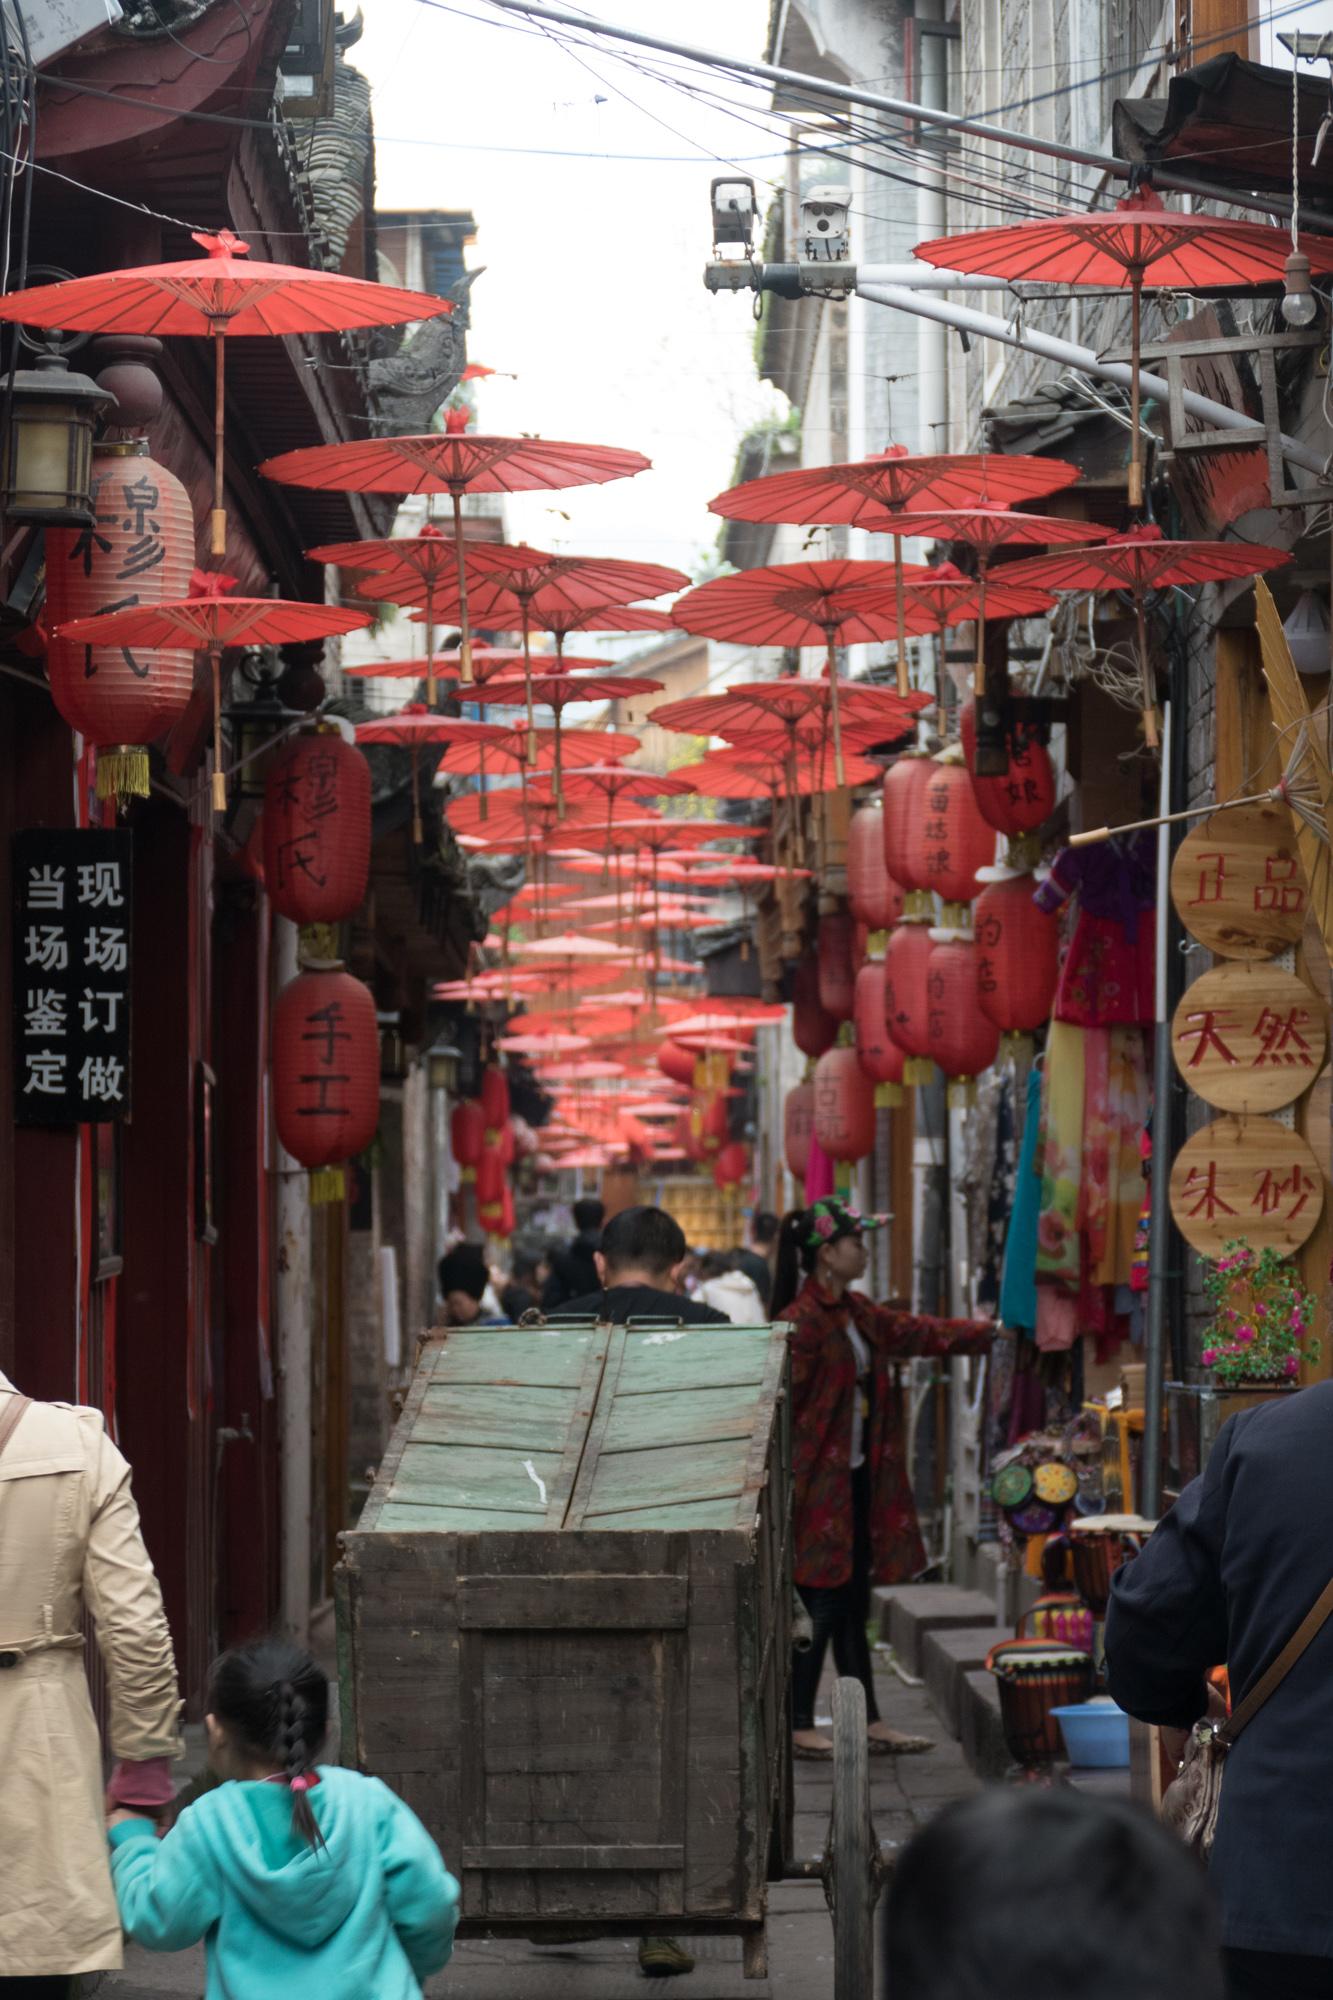 Picturesque alleyway